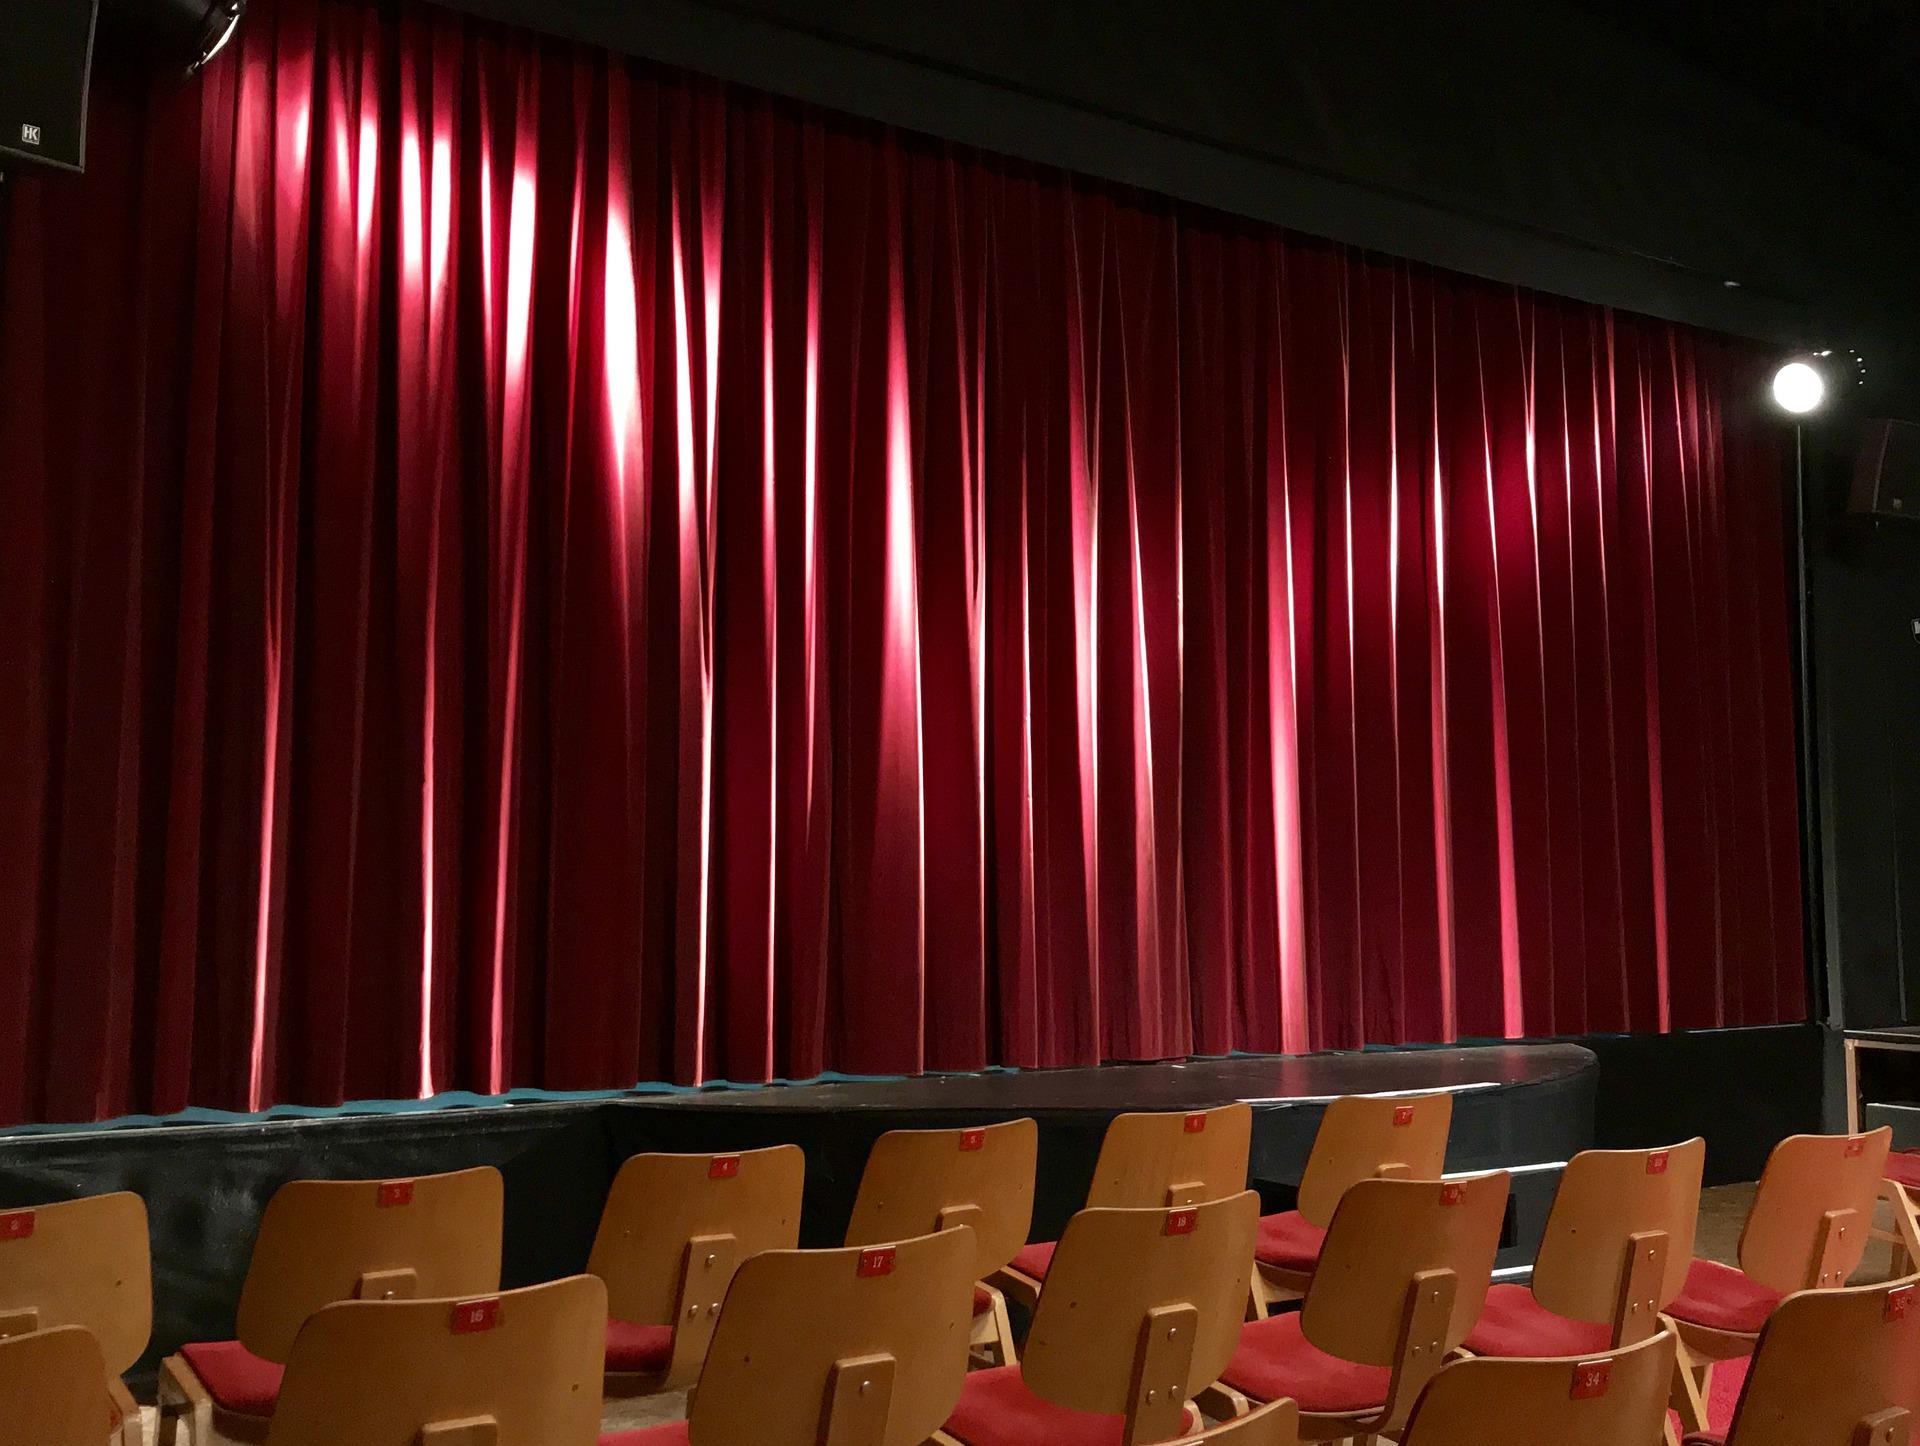 Musica e teatro per educare i più giovani alla cultura